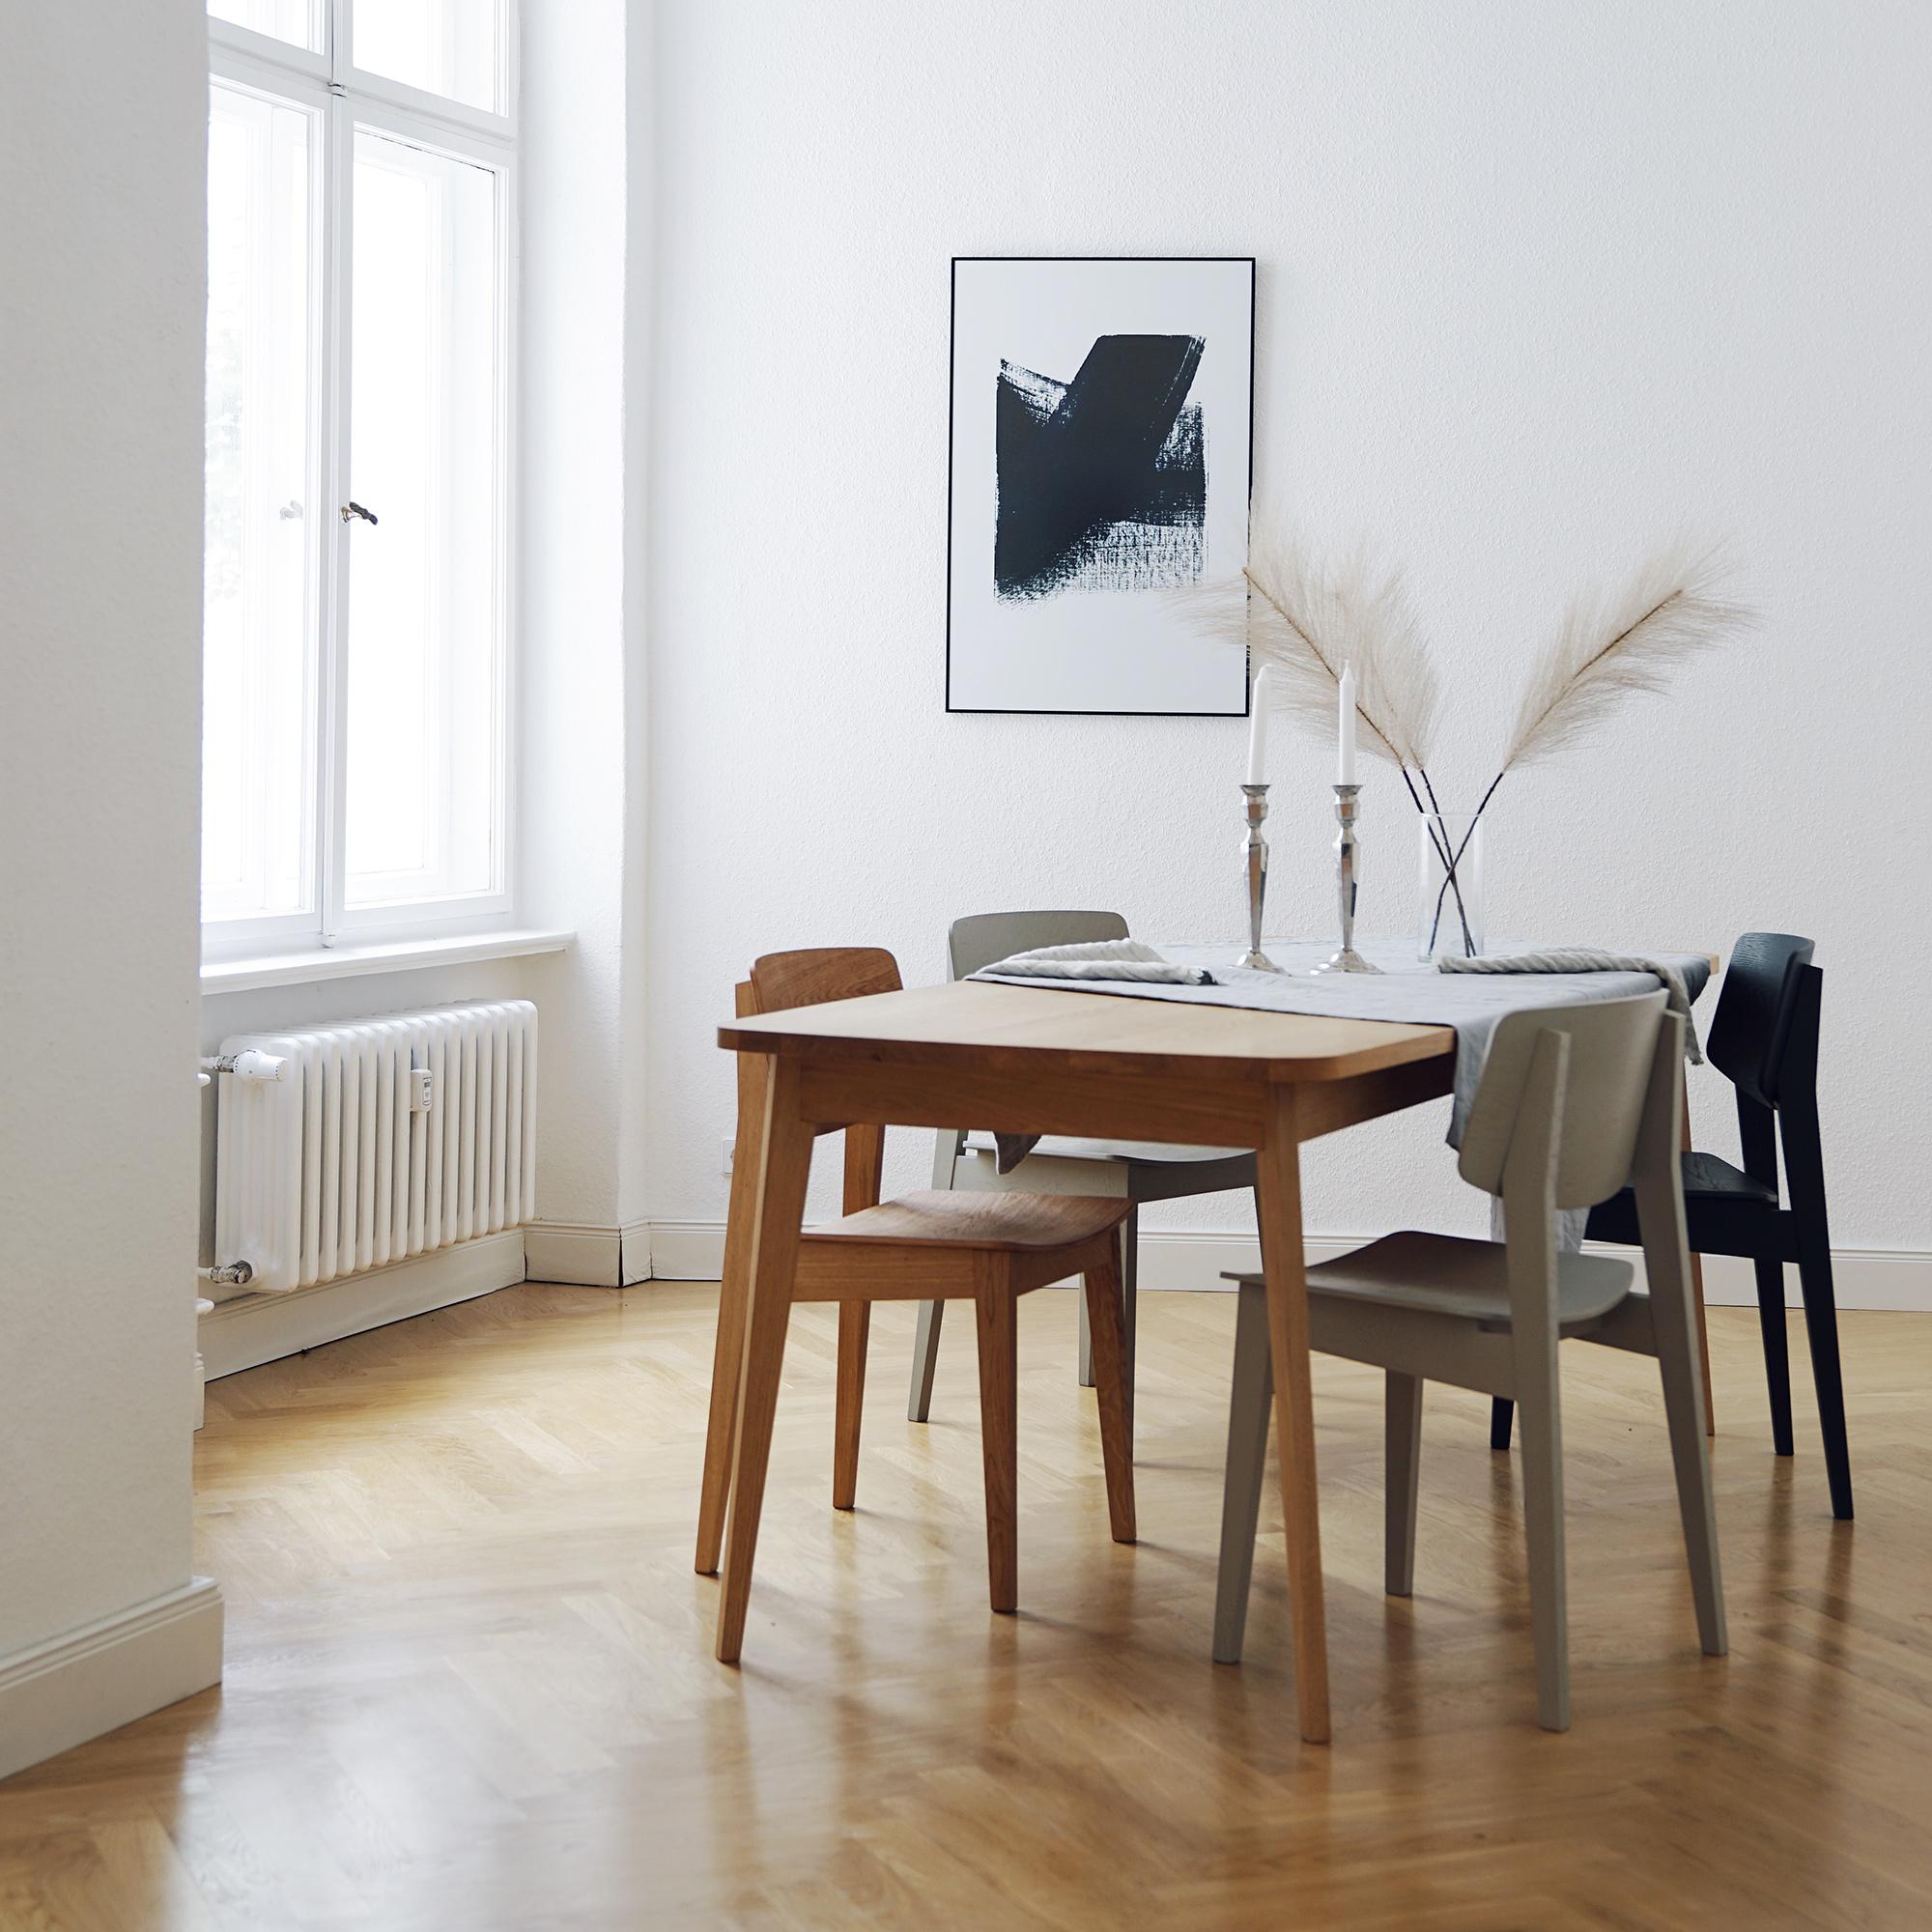 Küchen Interieur mit Usus Table und Usus Chair